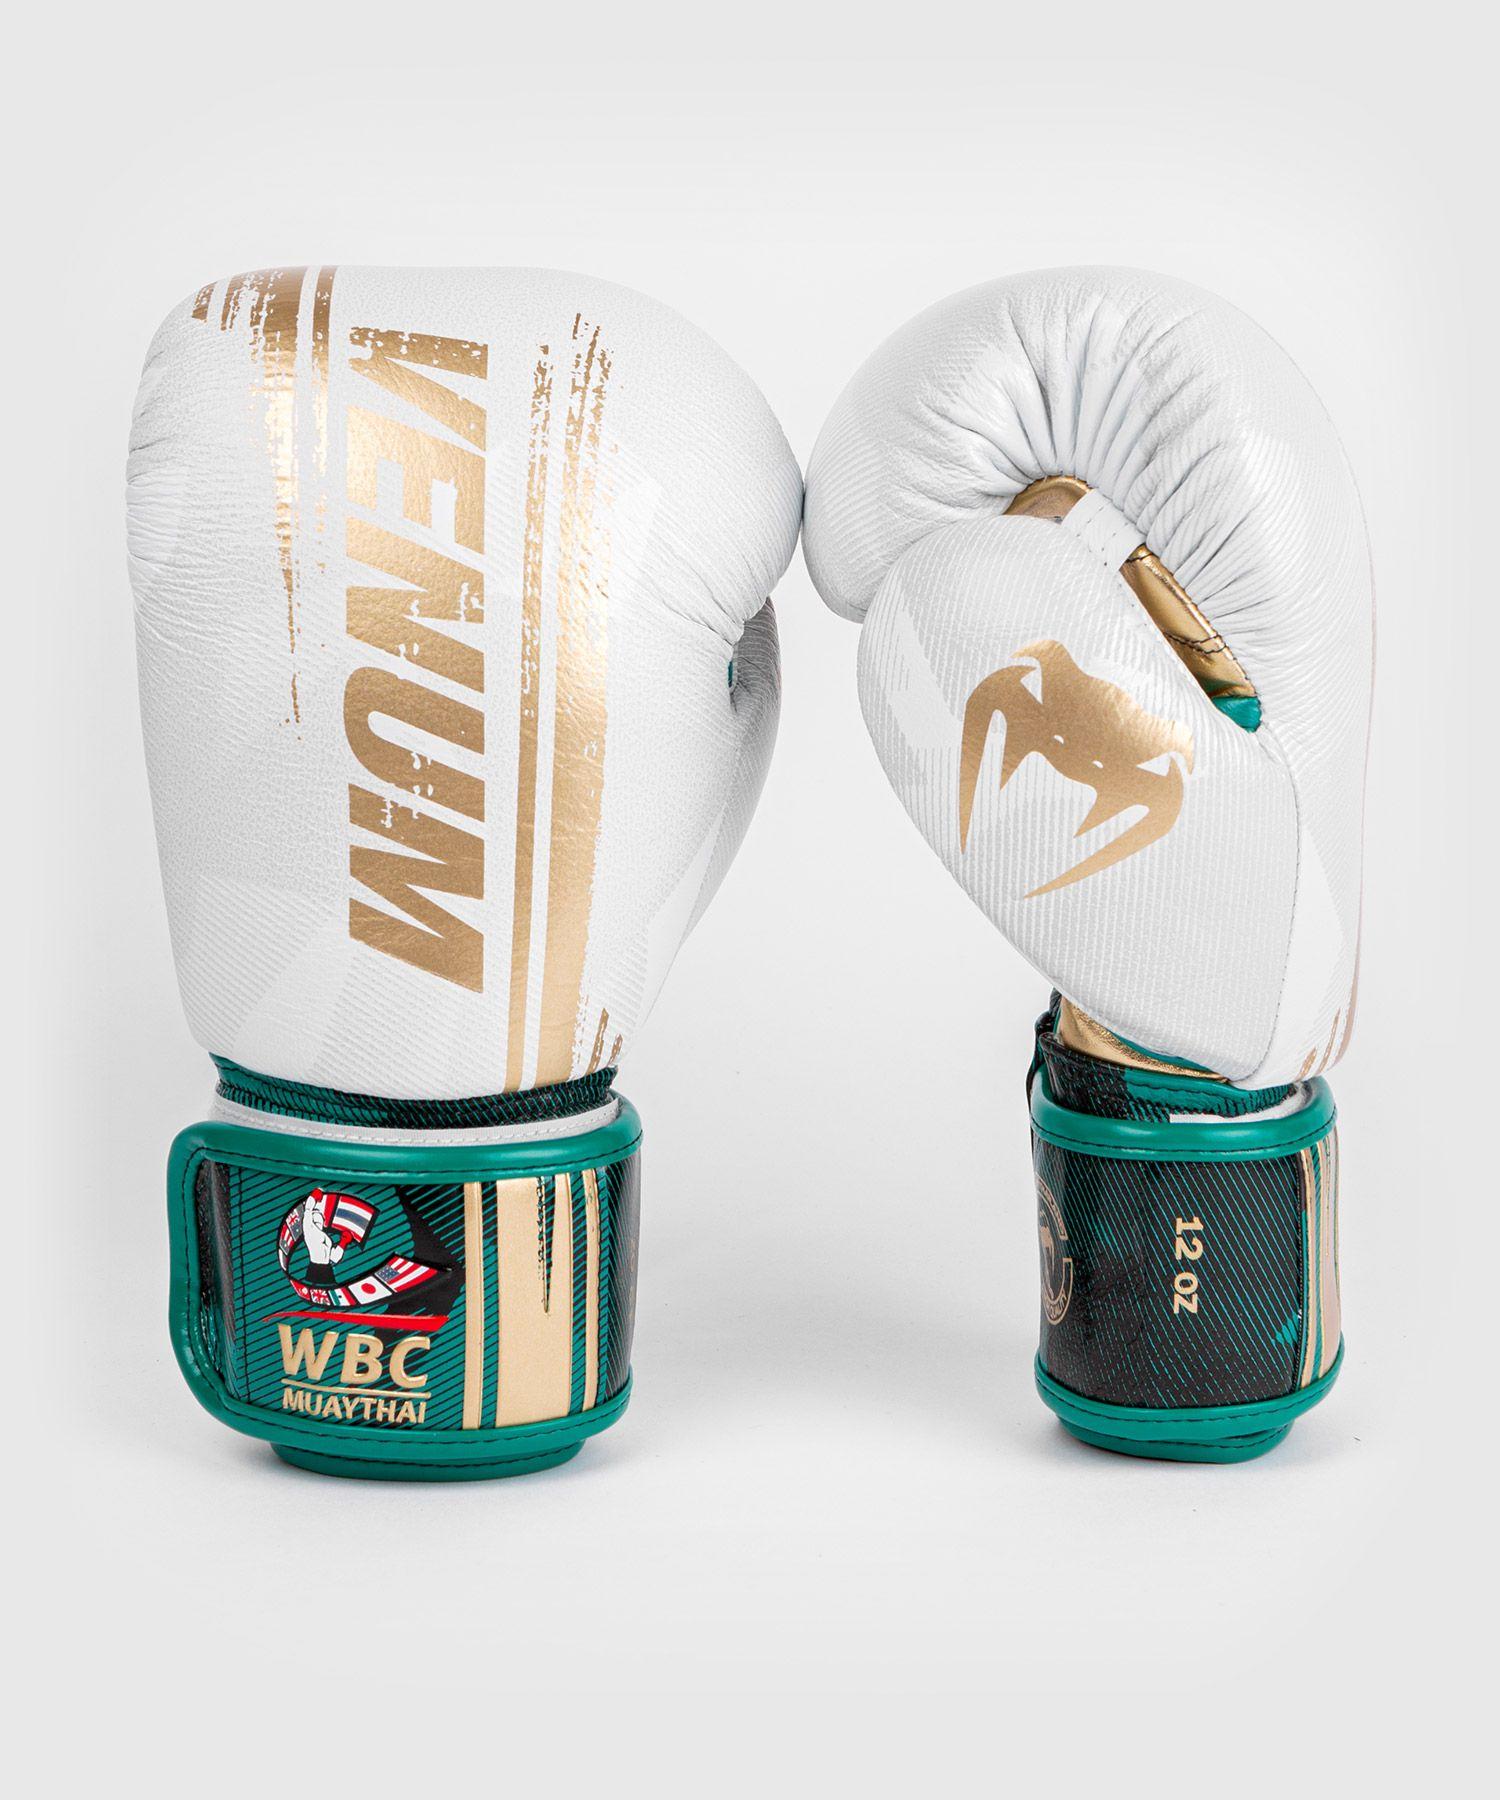 世界ボクシング評議会(WBC)のムエタイ部門(WBCムエタイ)とVENUMのコラボアイテム VENUM ボクシング グローブ WBC MUAY THAI BOXING GLOVES //スパーリンググローブ ボクシング キックボクシング ボクササイズ フィットネス 送料無料